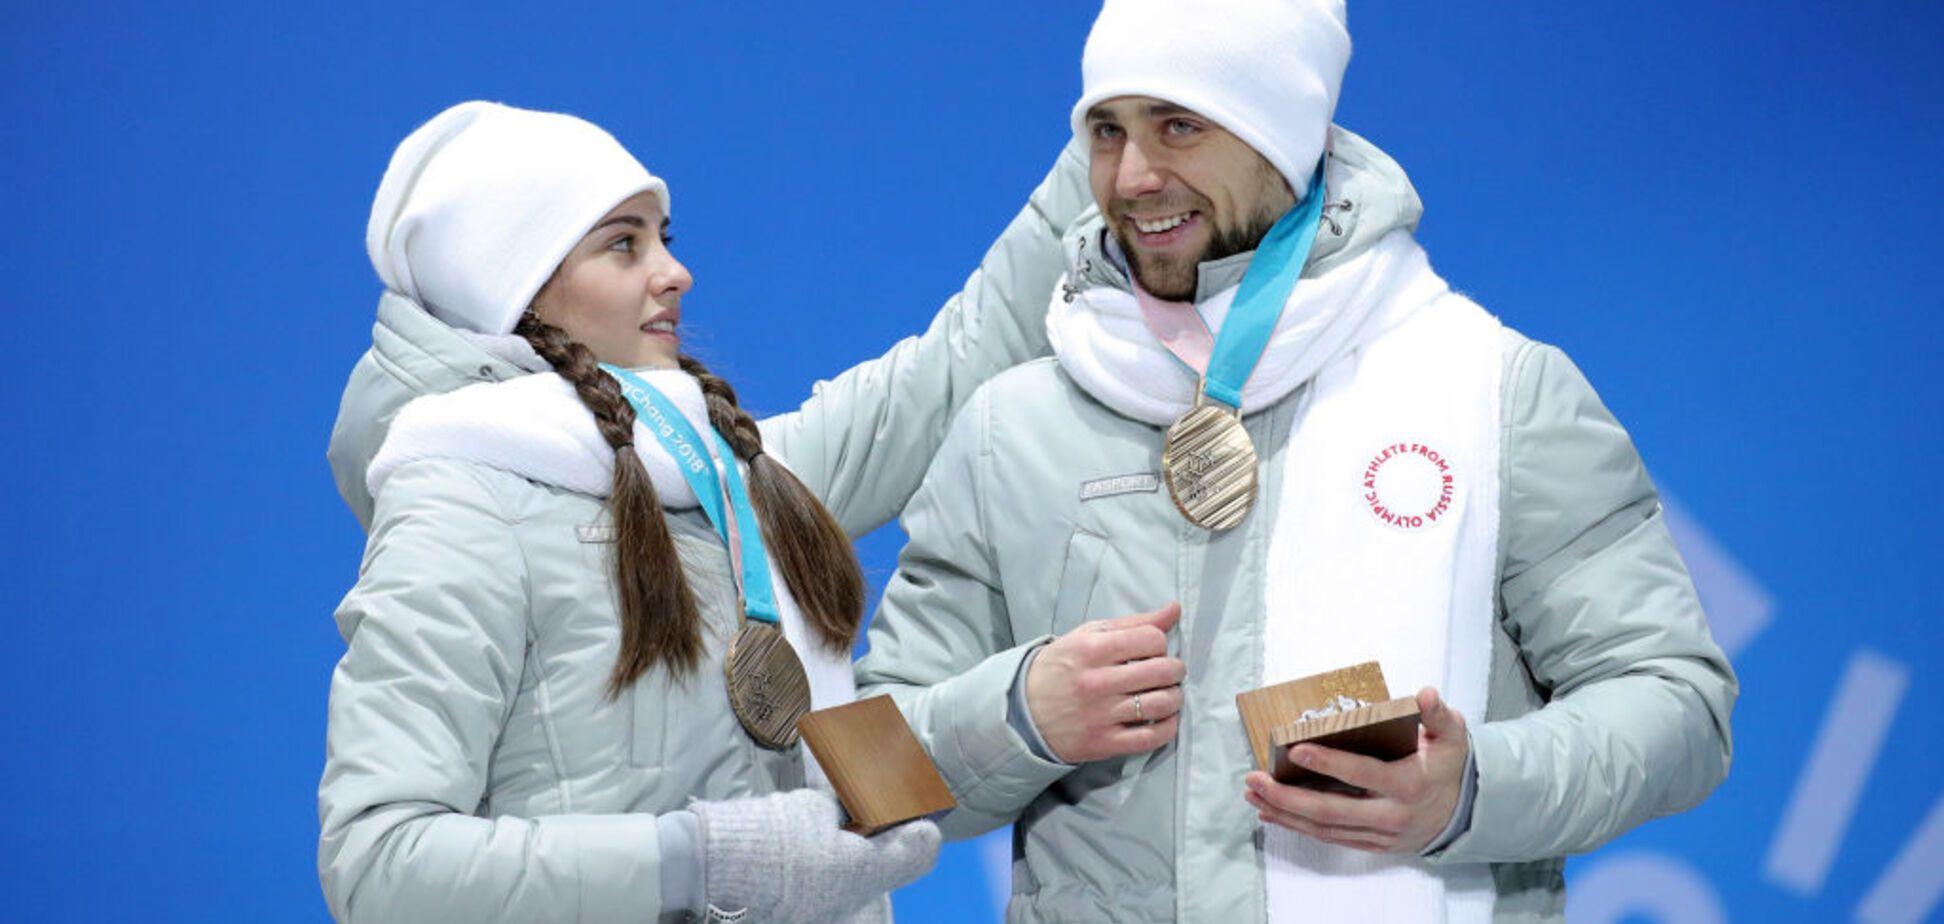 Офіційно: у Росії відібрали медаль Олімпіади-2018